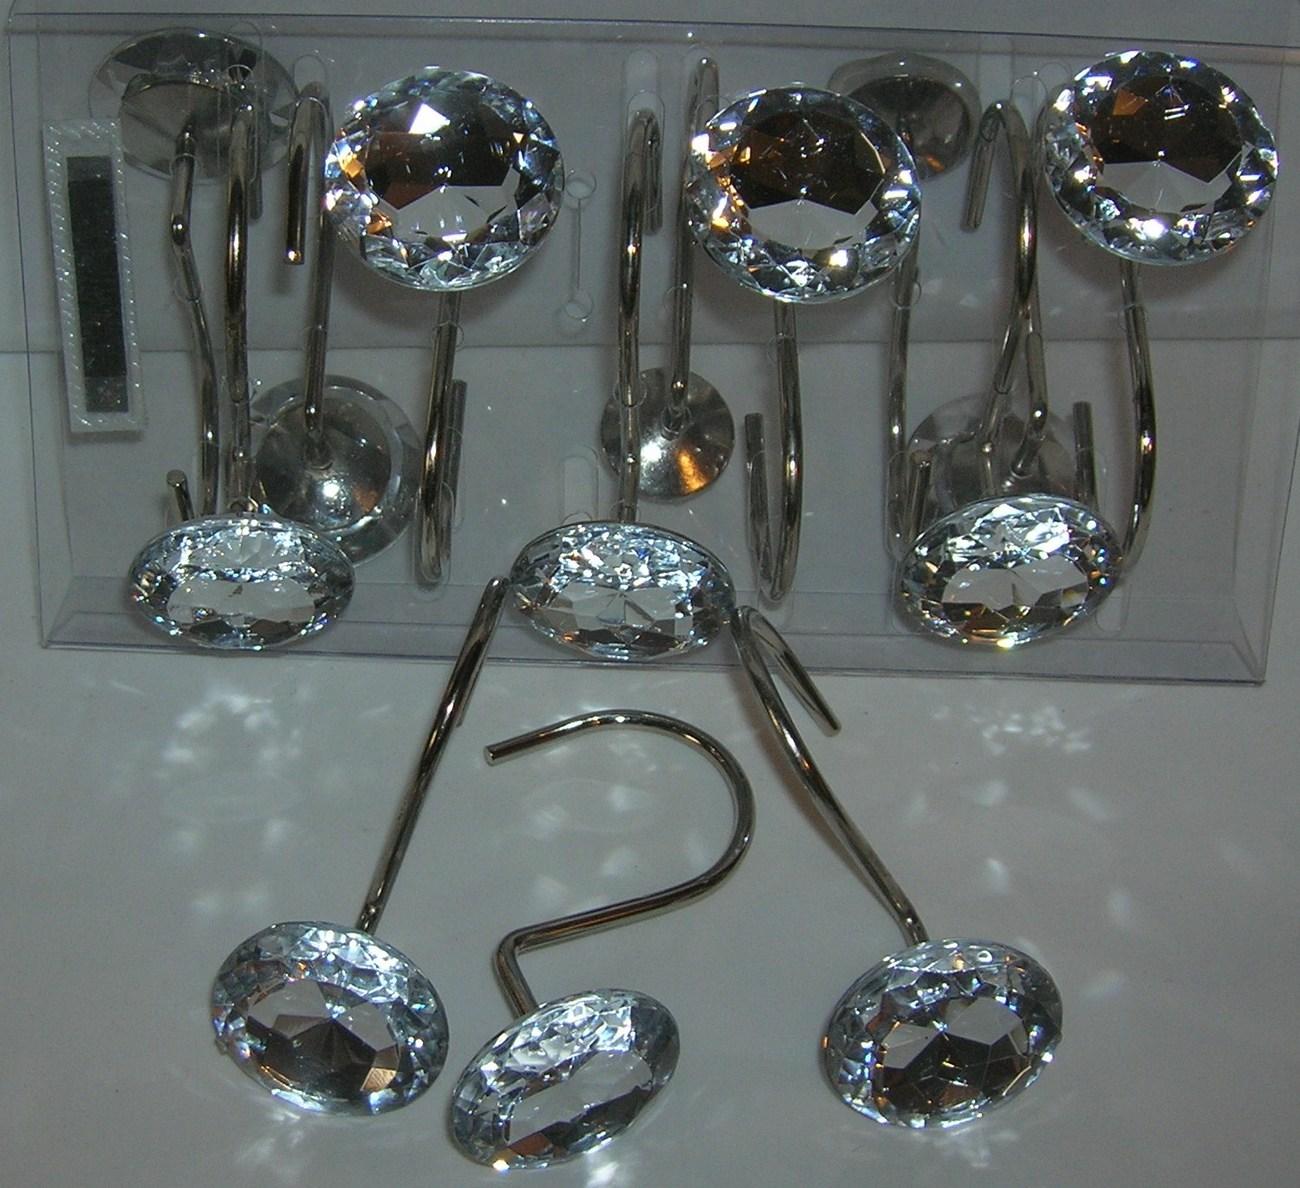 12 DECORATIVE RHINESTONE ROLLING SHOWER CURTAIN HOOKS CRYSTAL CLEAR BATH ACCESSO